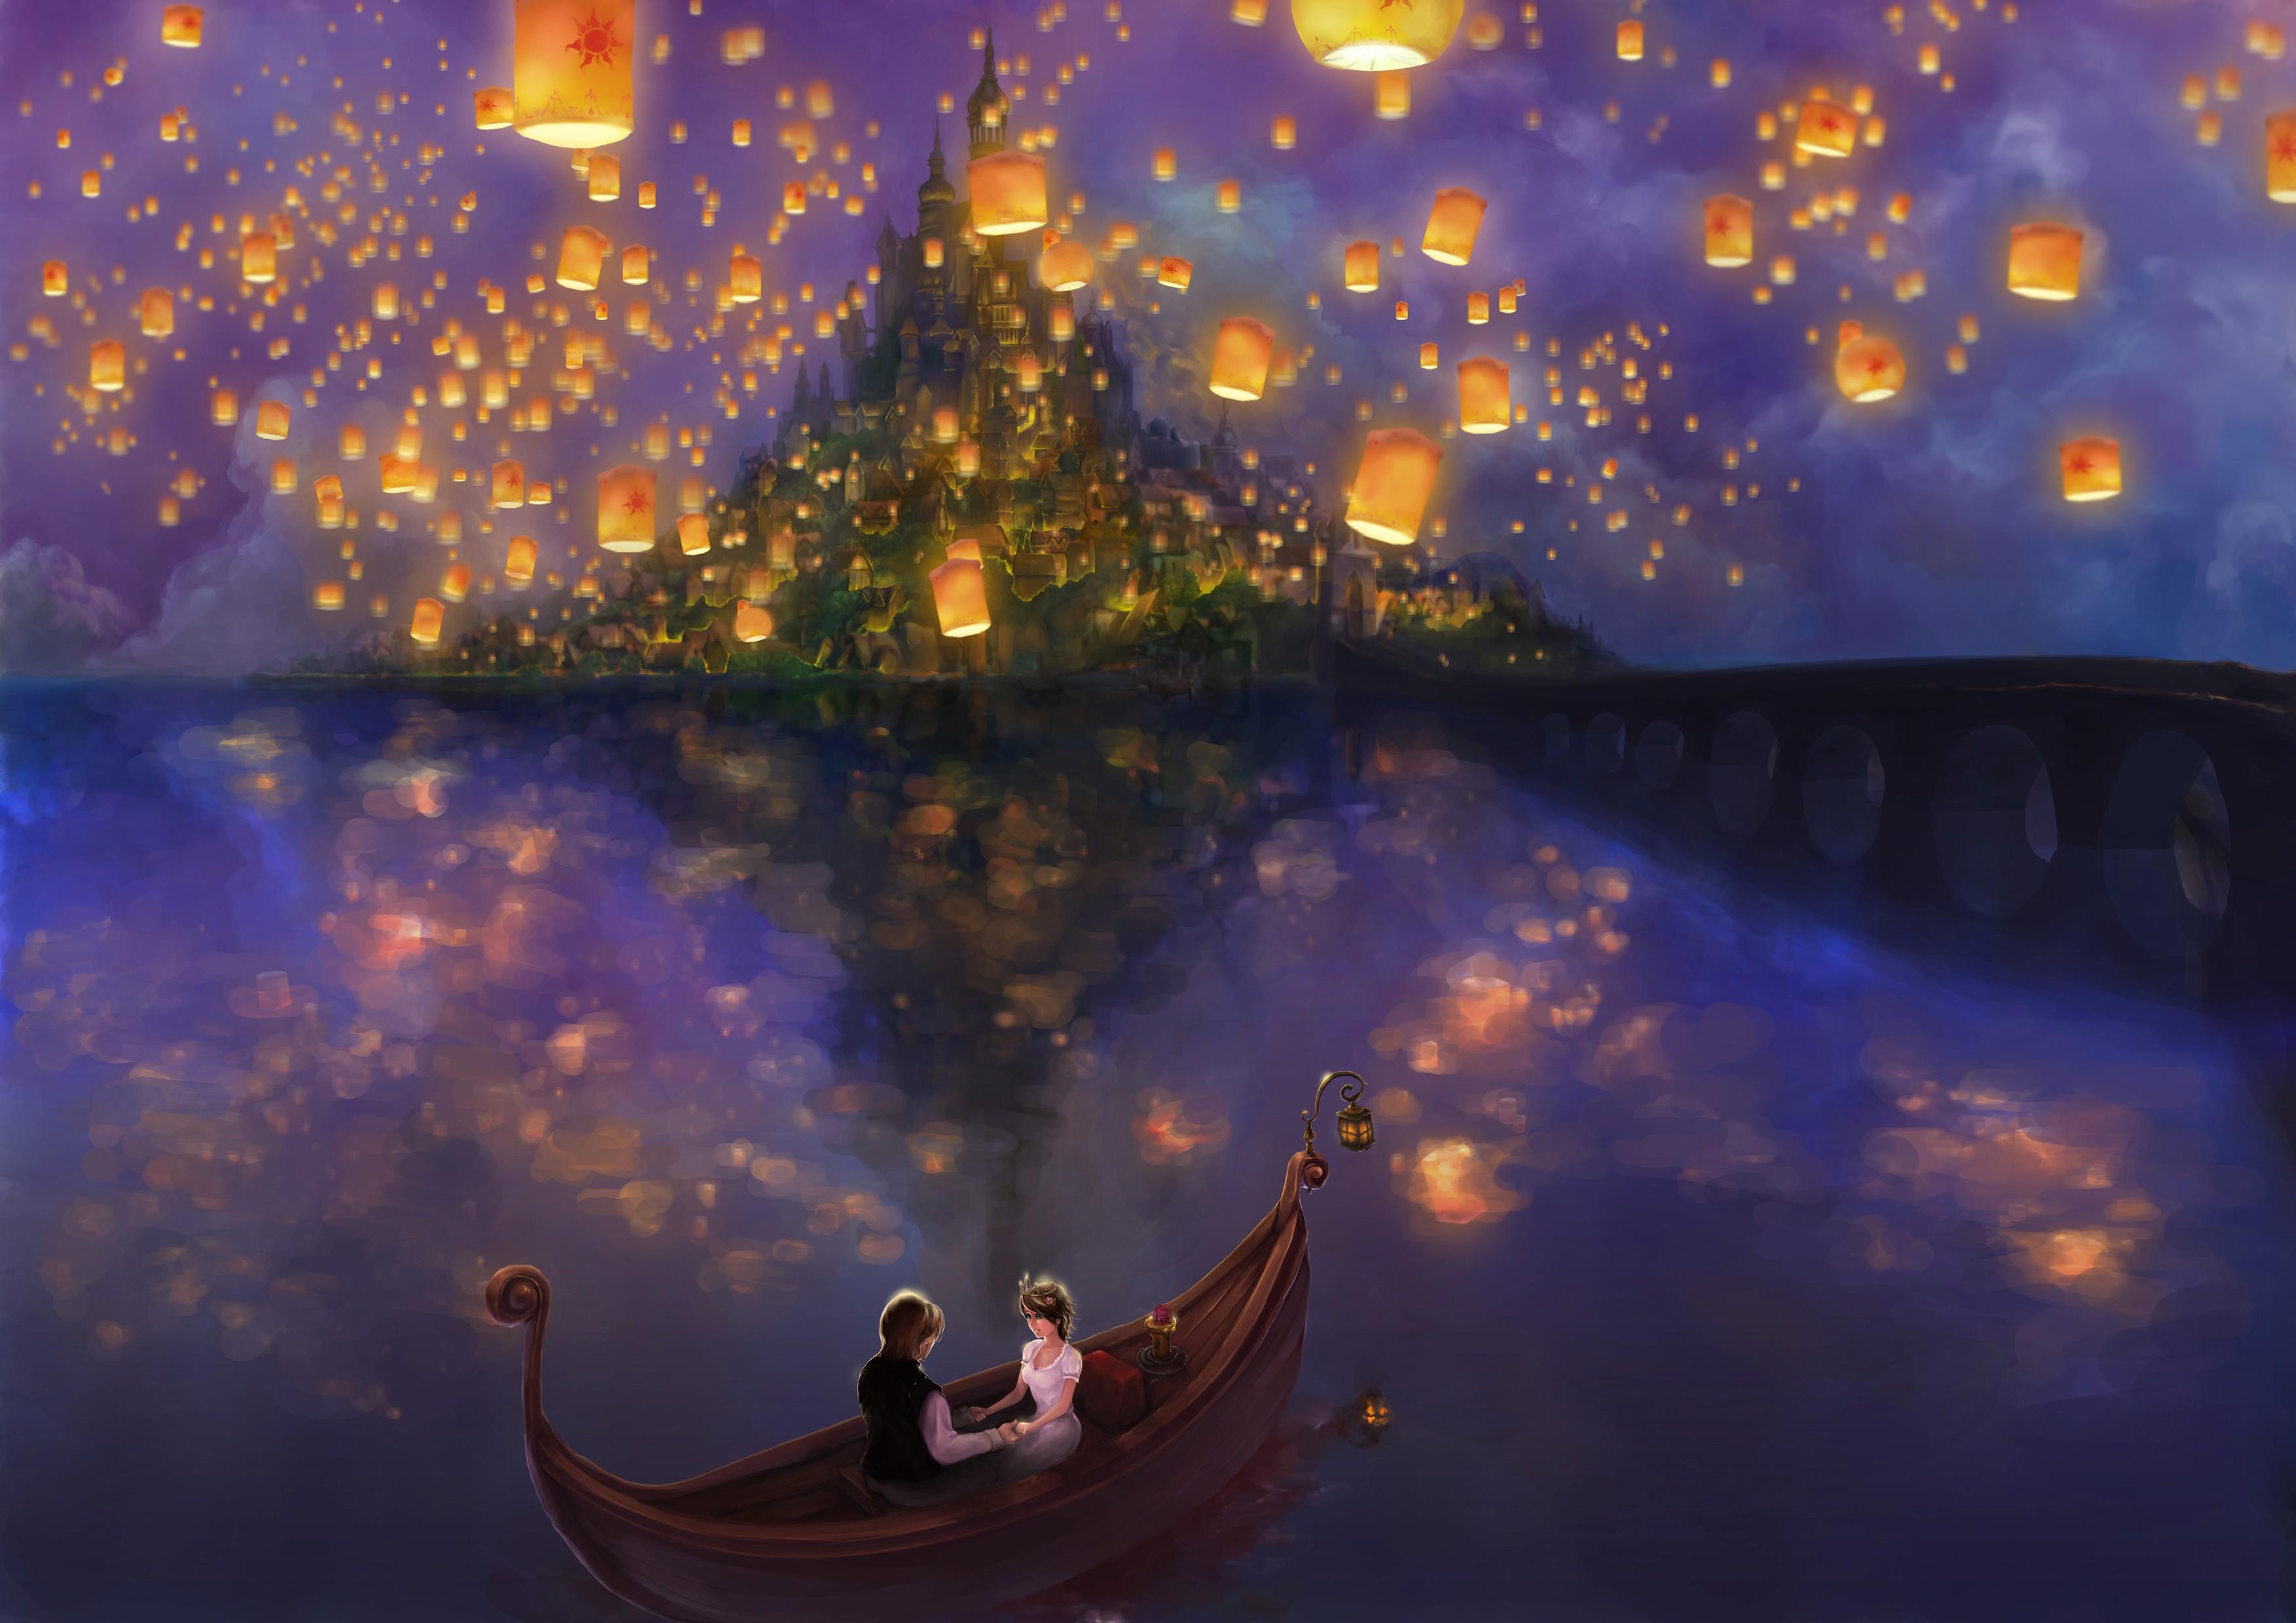 Принцесса под небесными фонариками  № 2222691  скачать